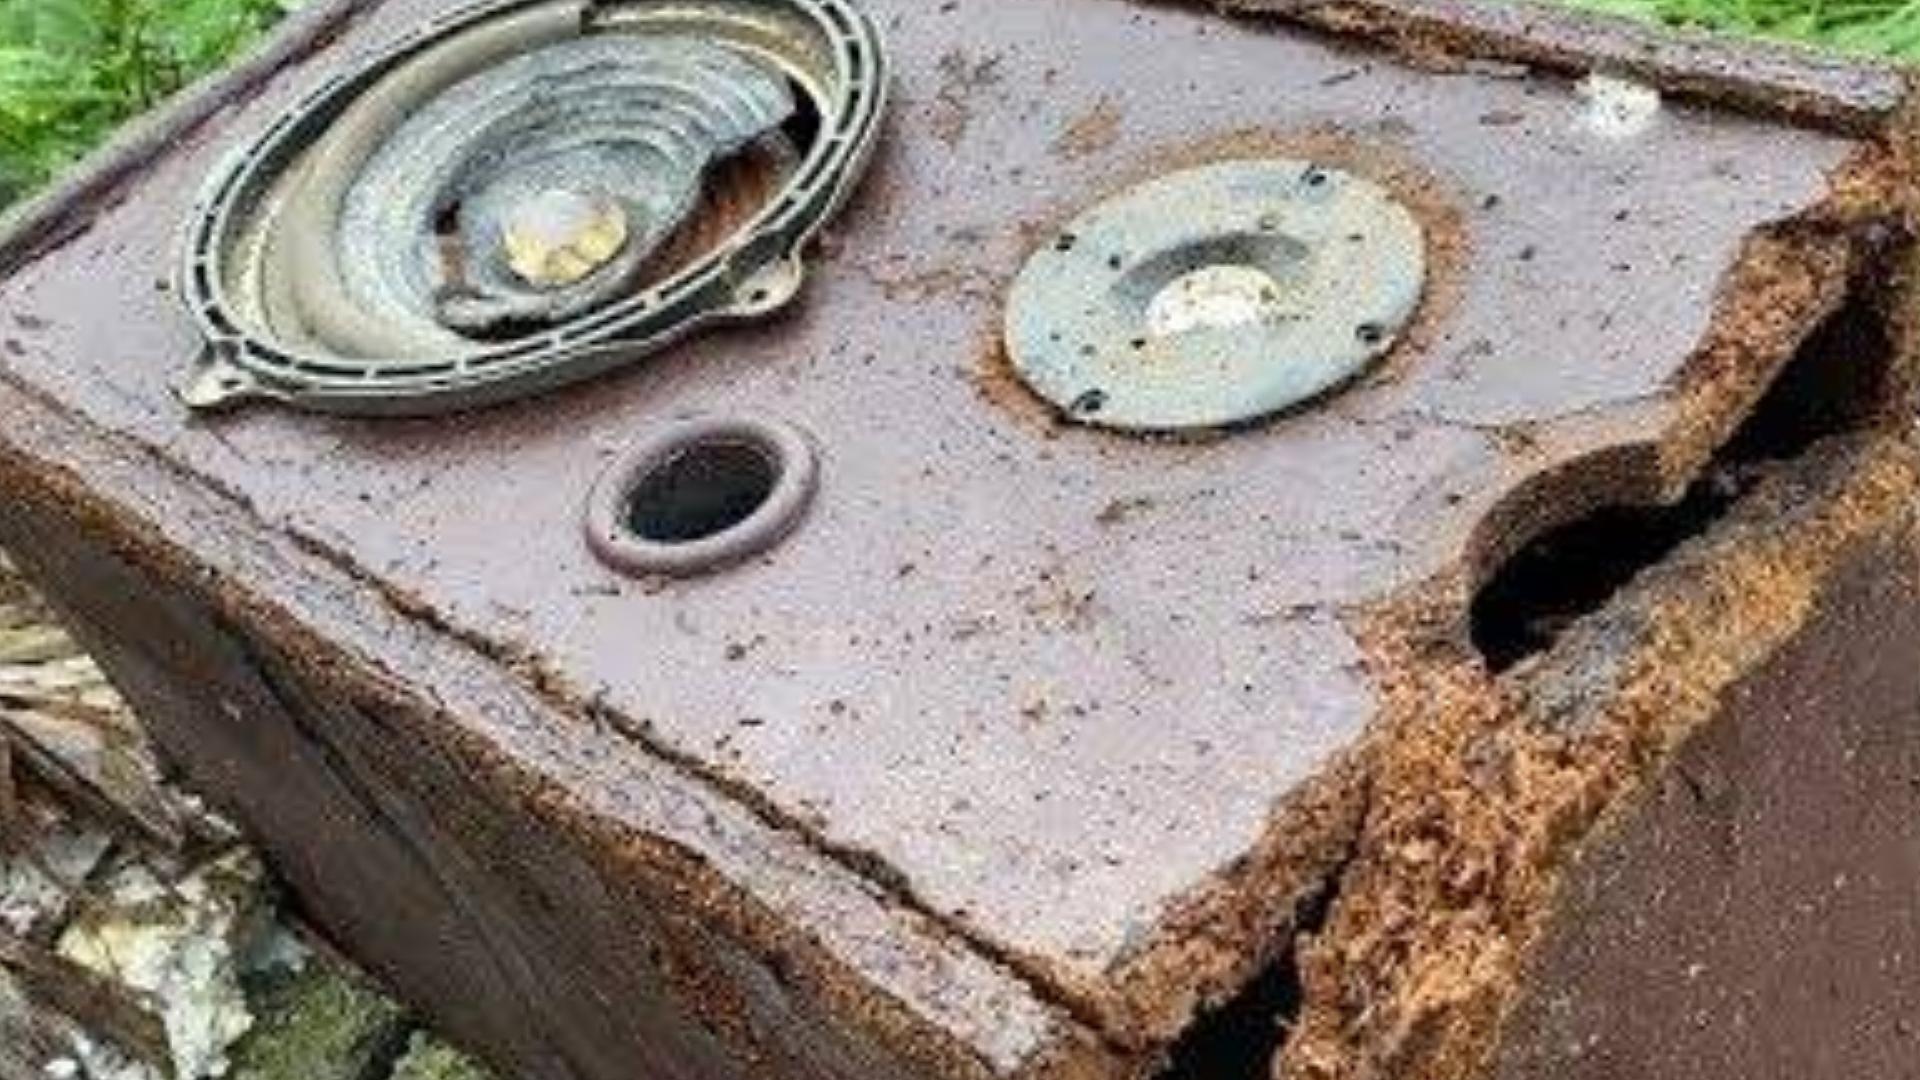 恢复旧古董先锋音箱 - 音箱抛弃旧的修复破碎